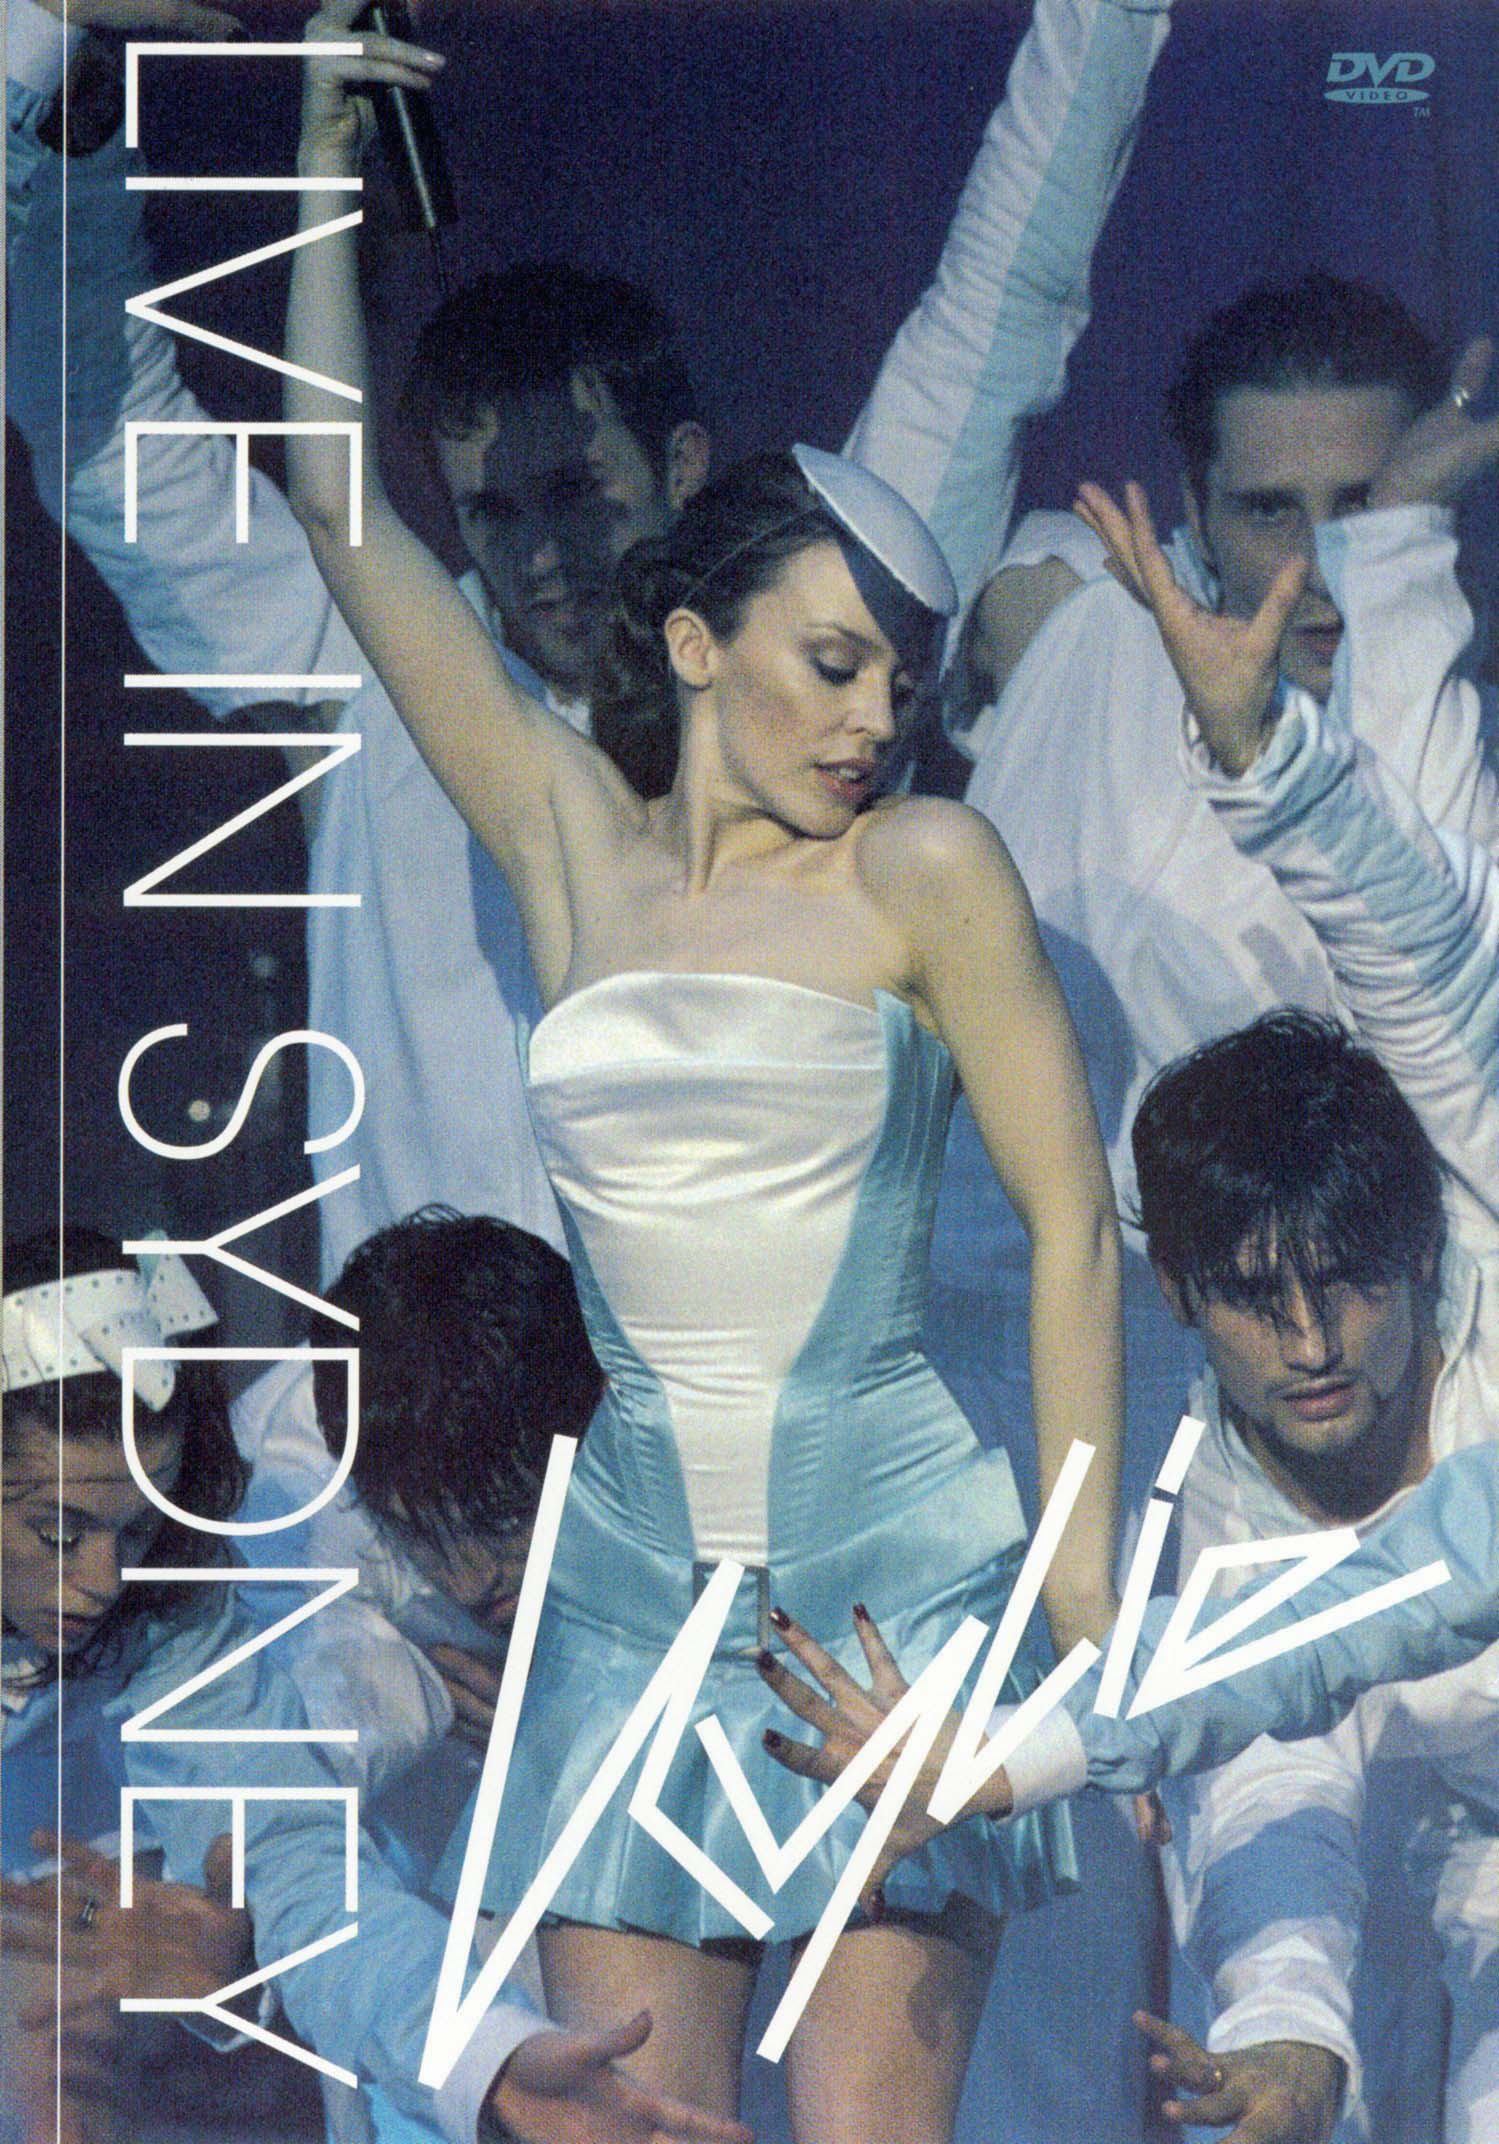 Kylie Minogue: Live in Sydney